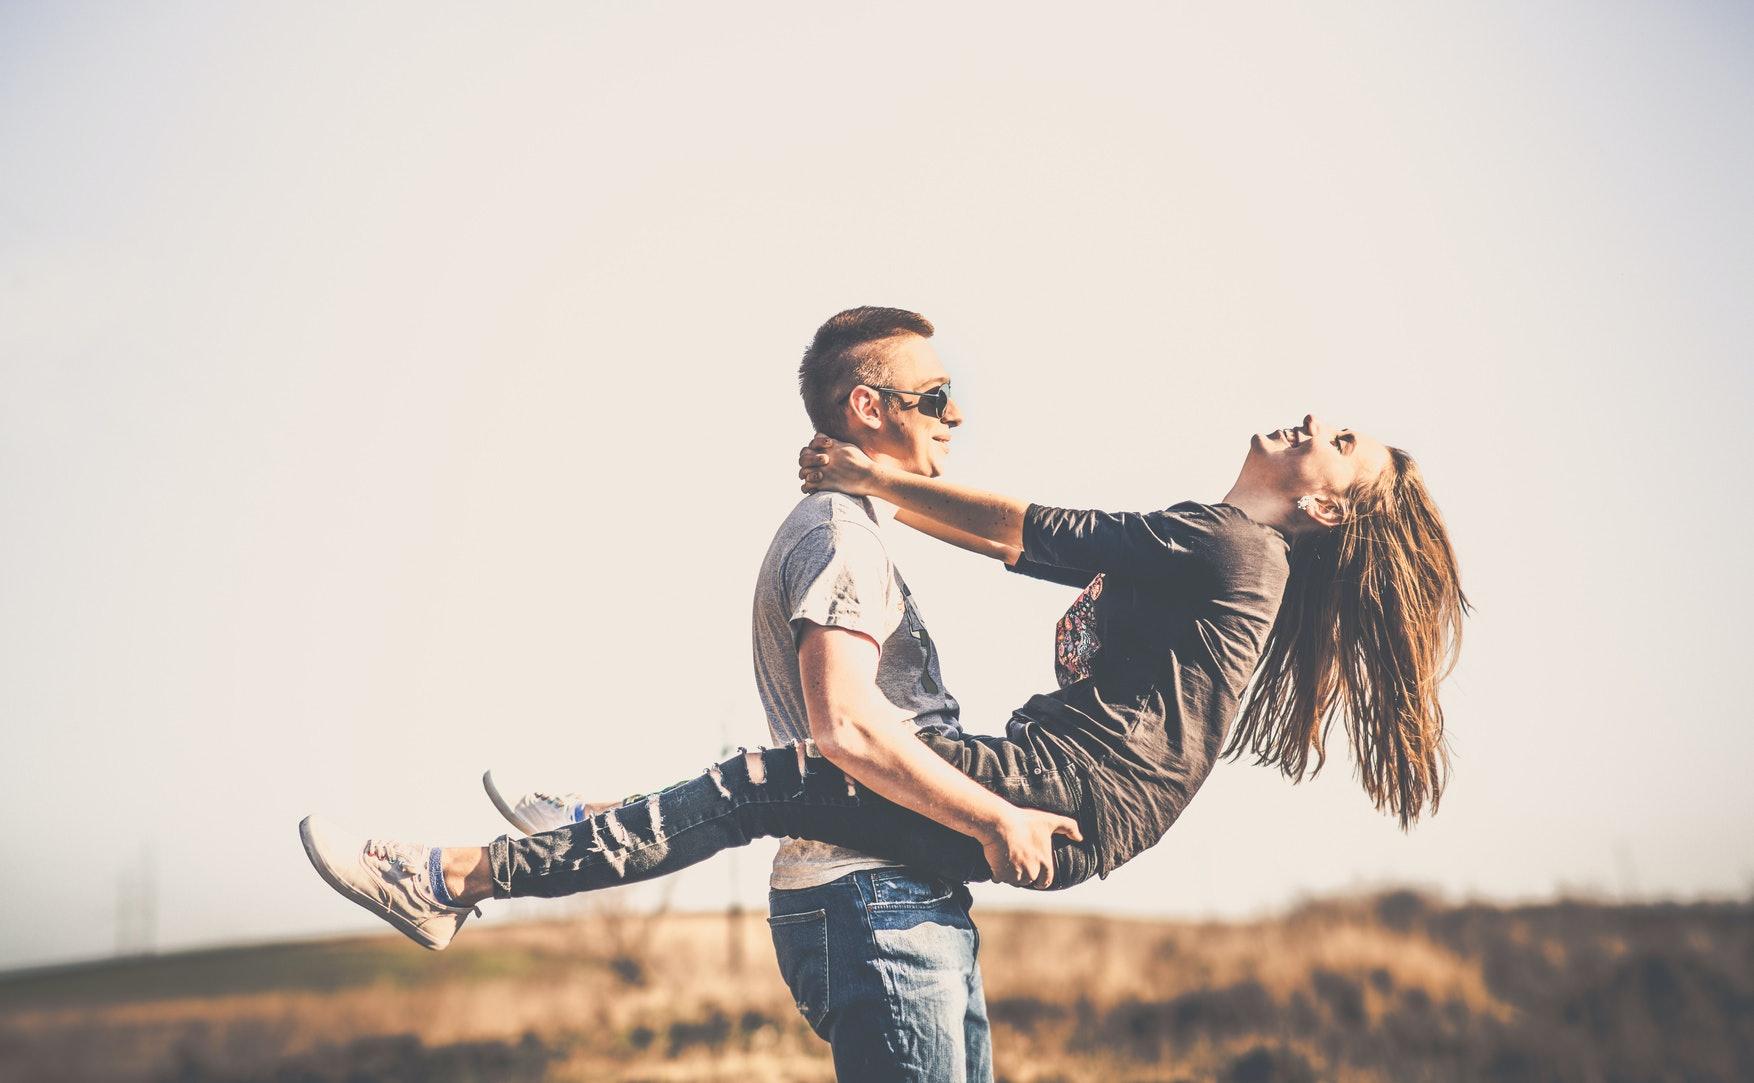 Naturi naughton dating